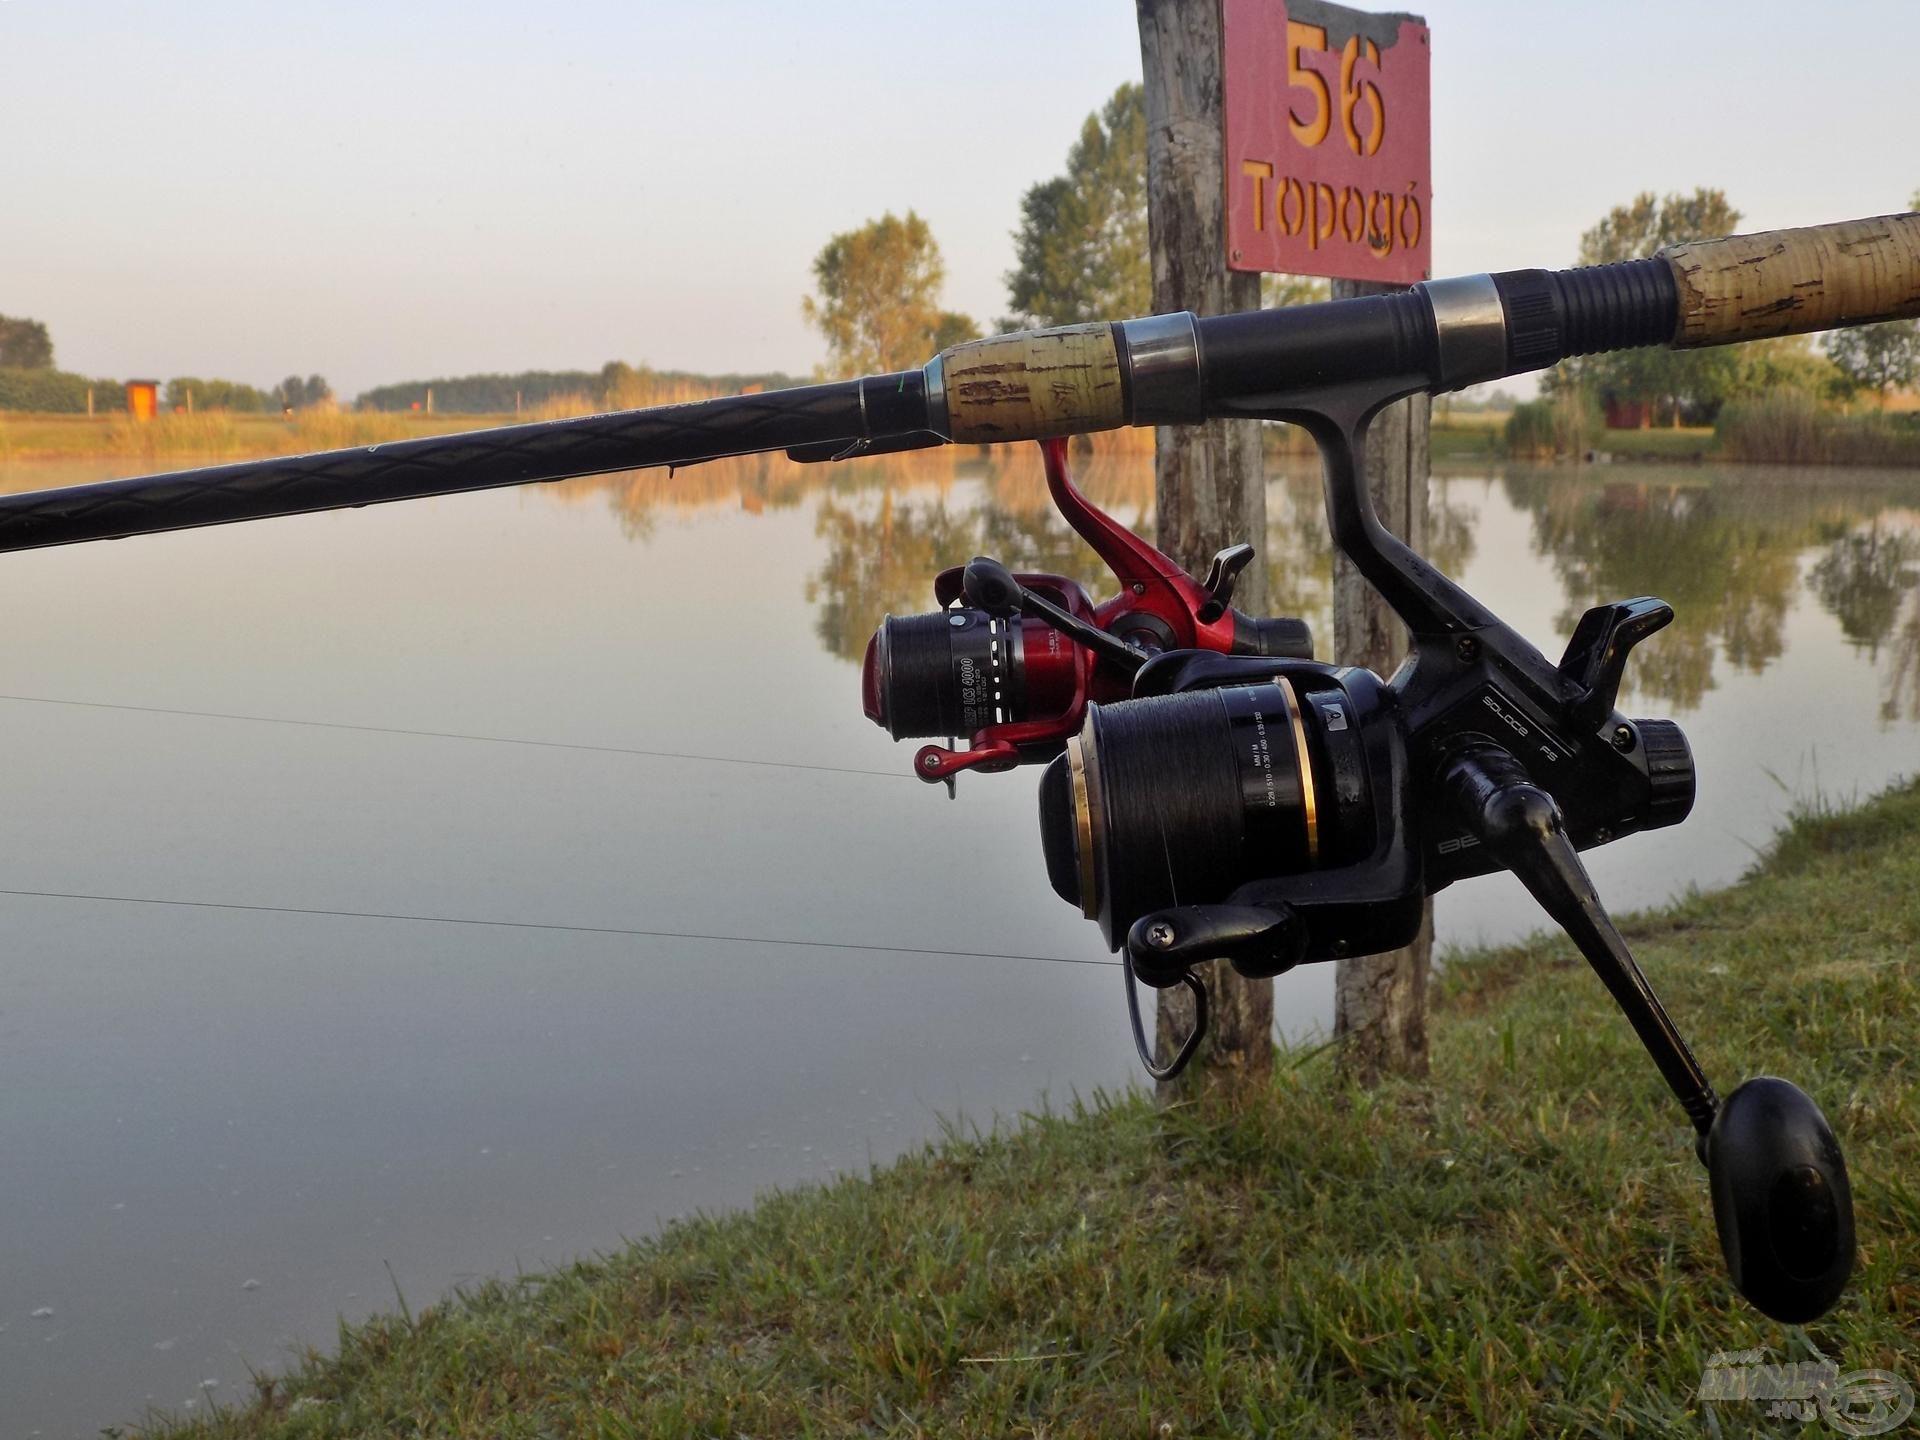 Rövid, medium és heavy erősségű feederbotokkal vettem üldözőbe a tóban élő pontyokat. A dobótávolság 40-50 méter körül alakult, így szükségtelen volt a hosszabb botok használata